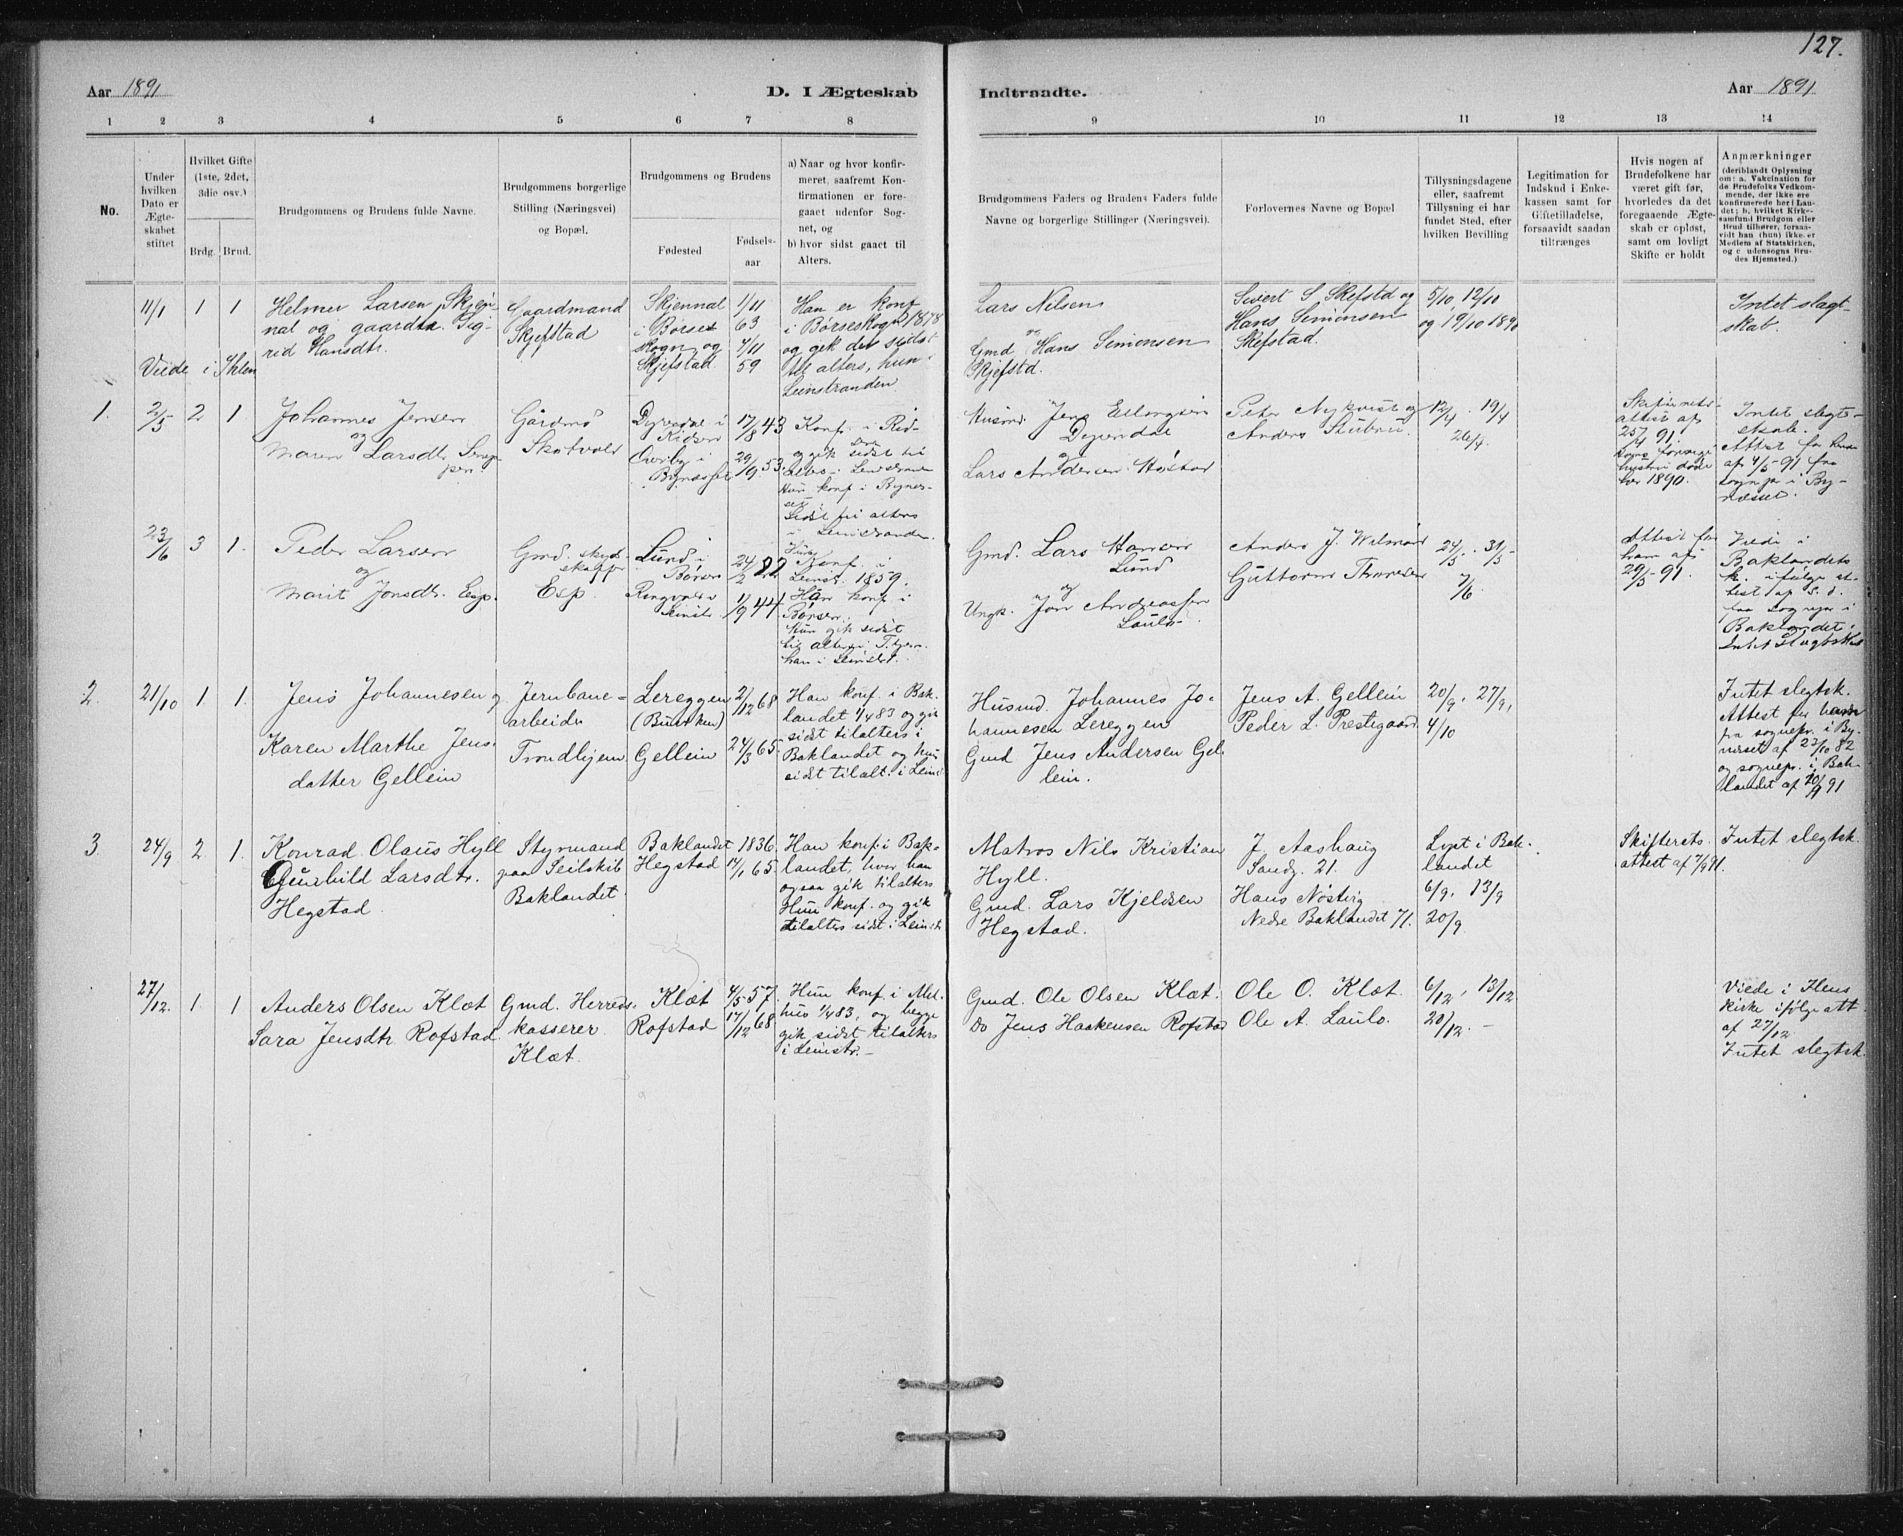 SAT, Ministerialprotokoller, klokkerbøker og fødselsregistre - Sør-Trøndelag, 613/L0392: Ministerialbok nr. 613A01, 1887-1906, s. 127